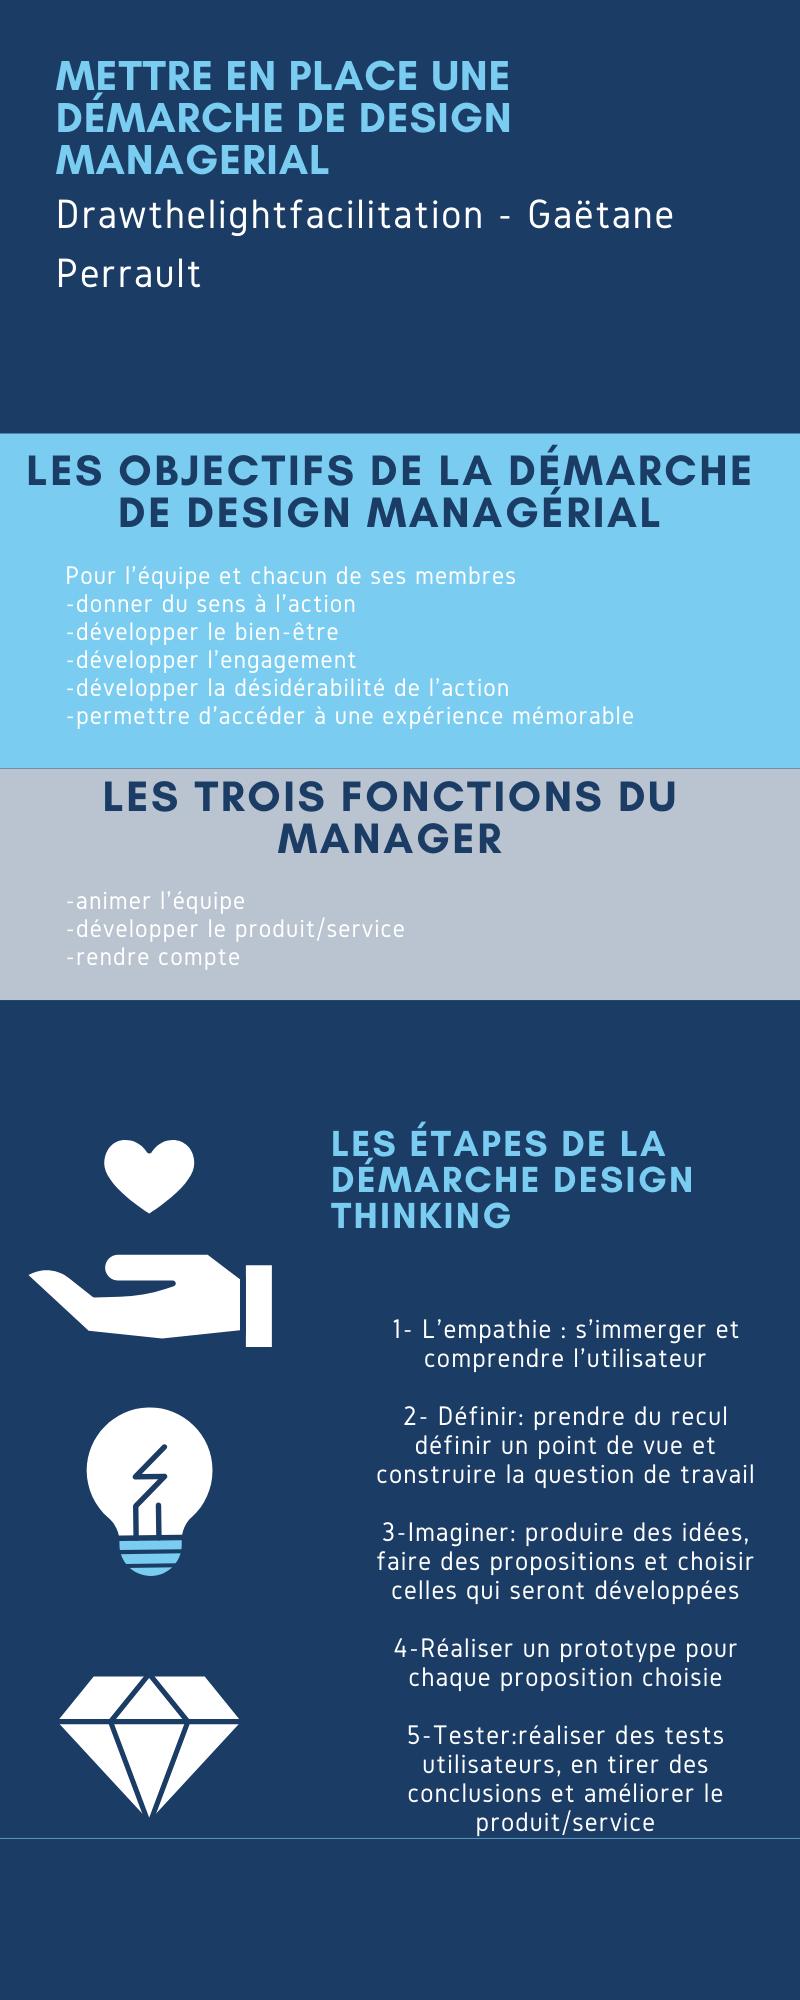 Mettre en place une démarche de design managérial-1 Drawthelight facilitation - Gaëtane Perrault